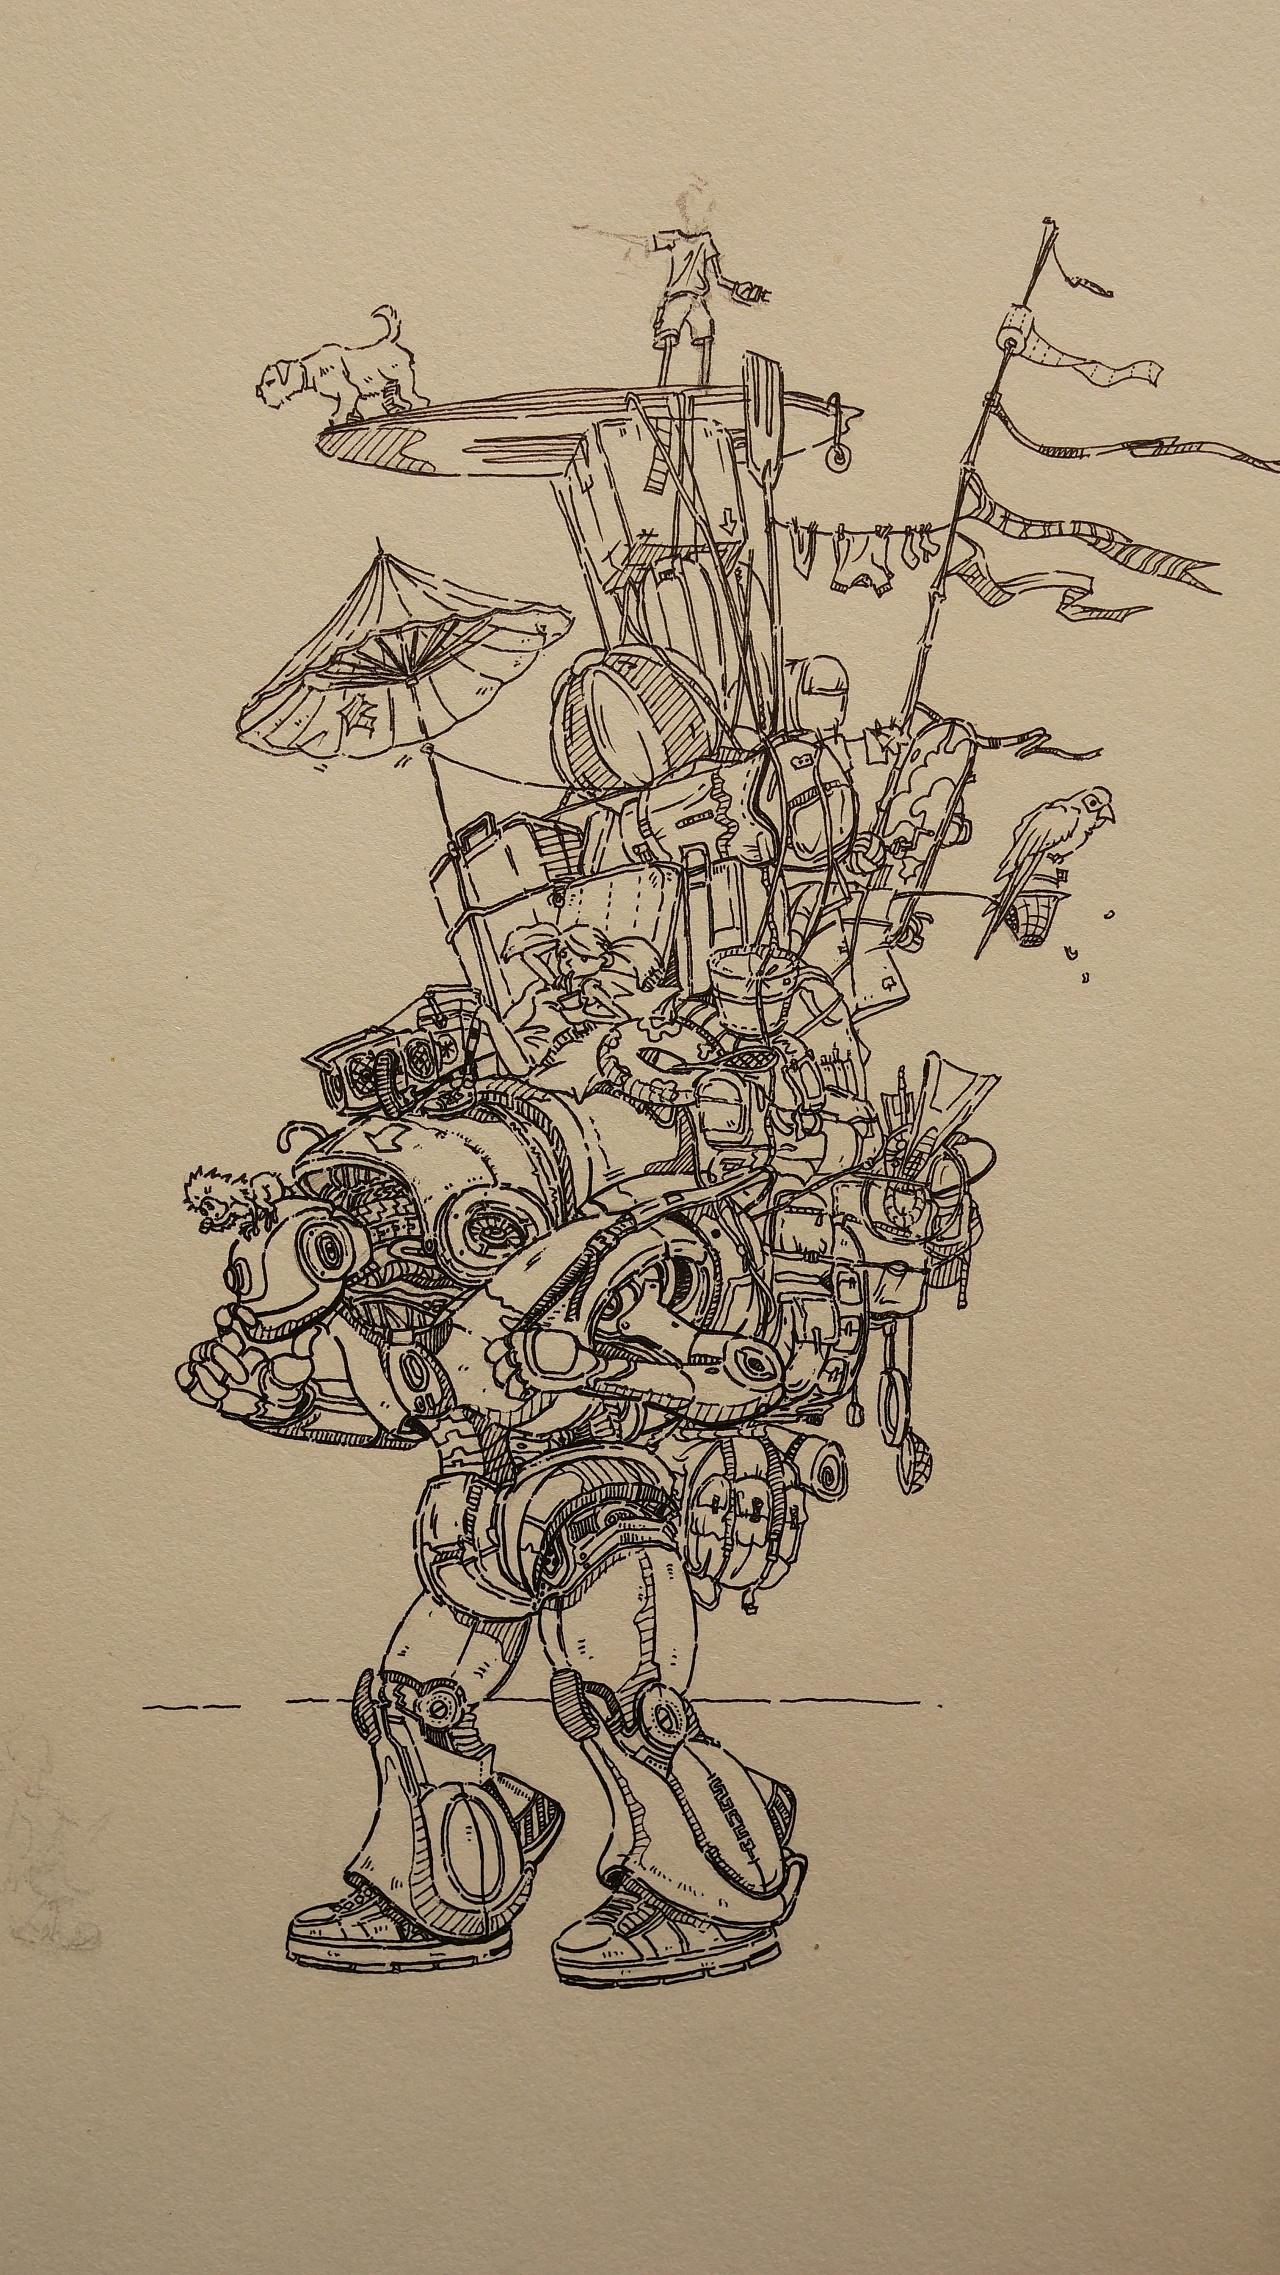 针管笔手绘(临摹电脑原作)